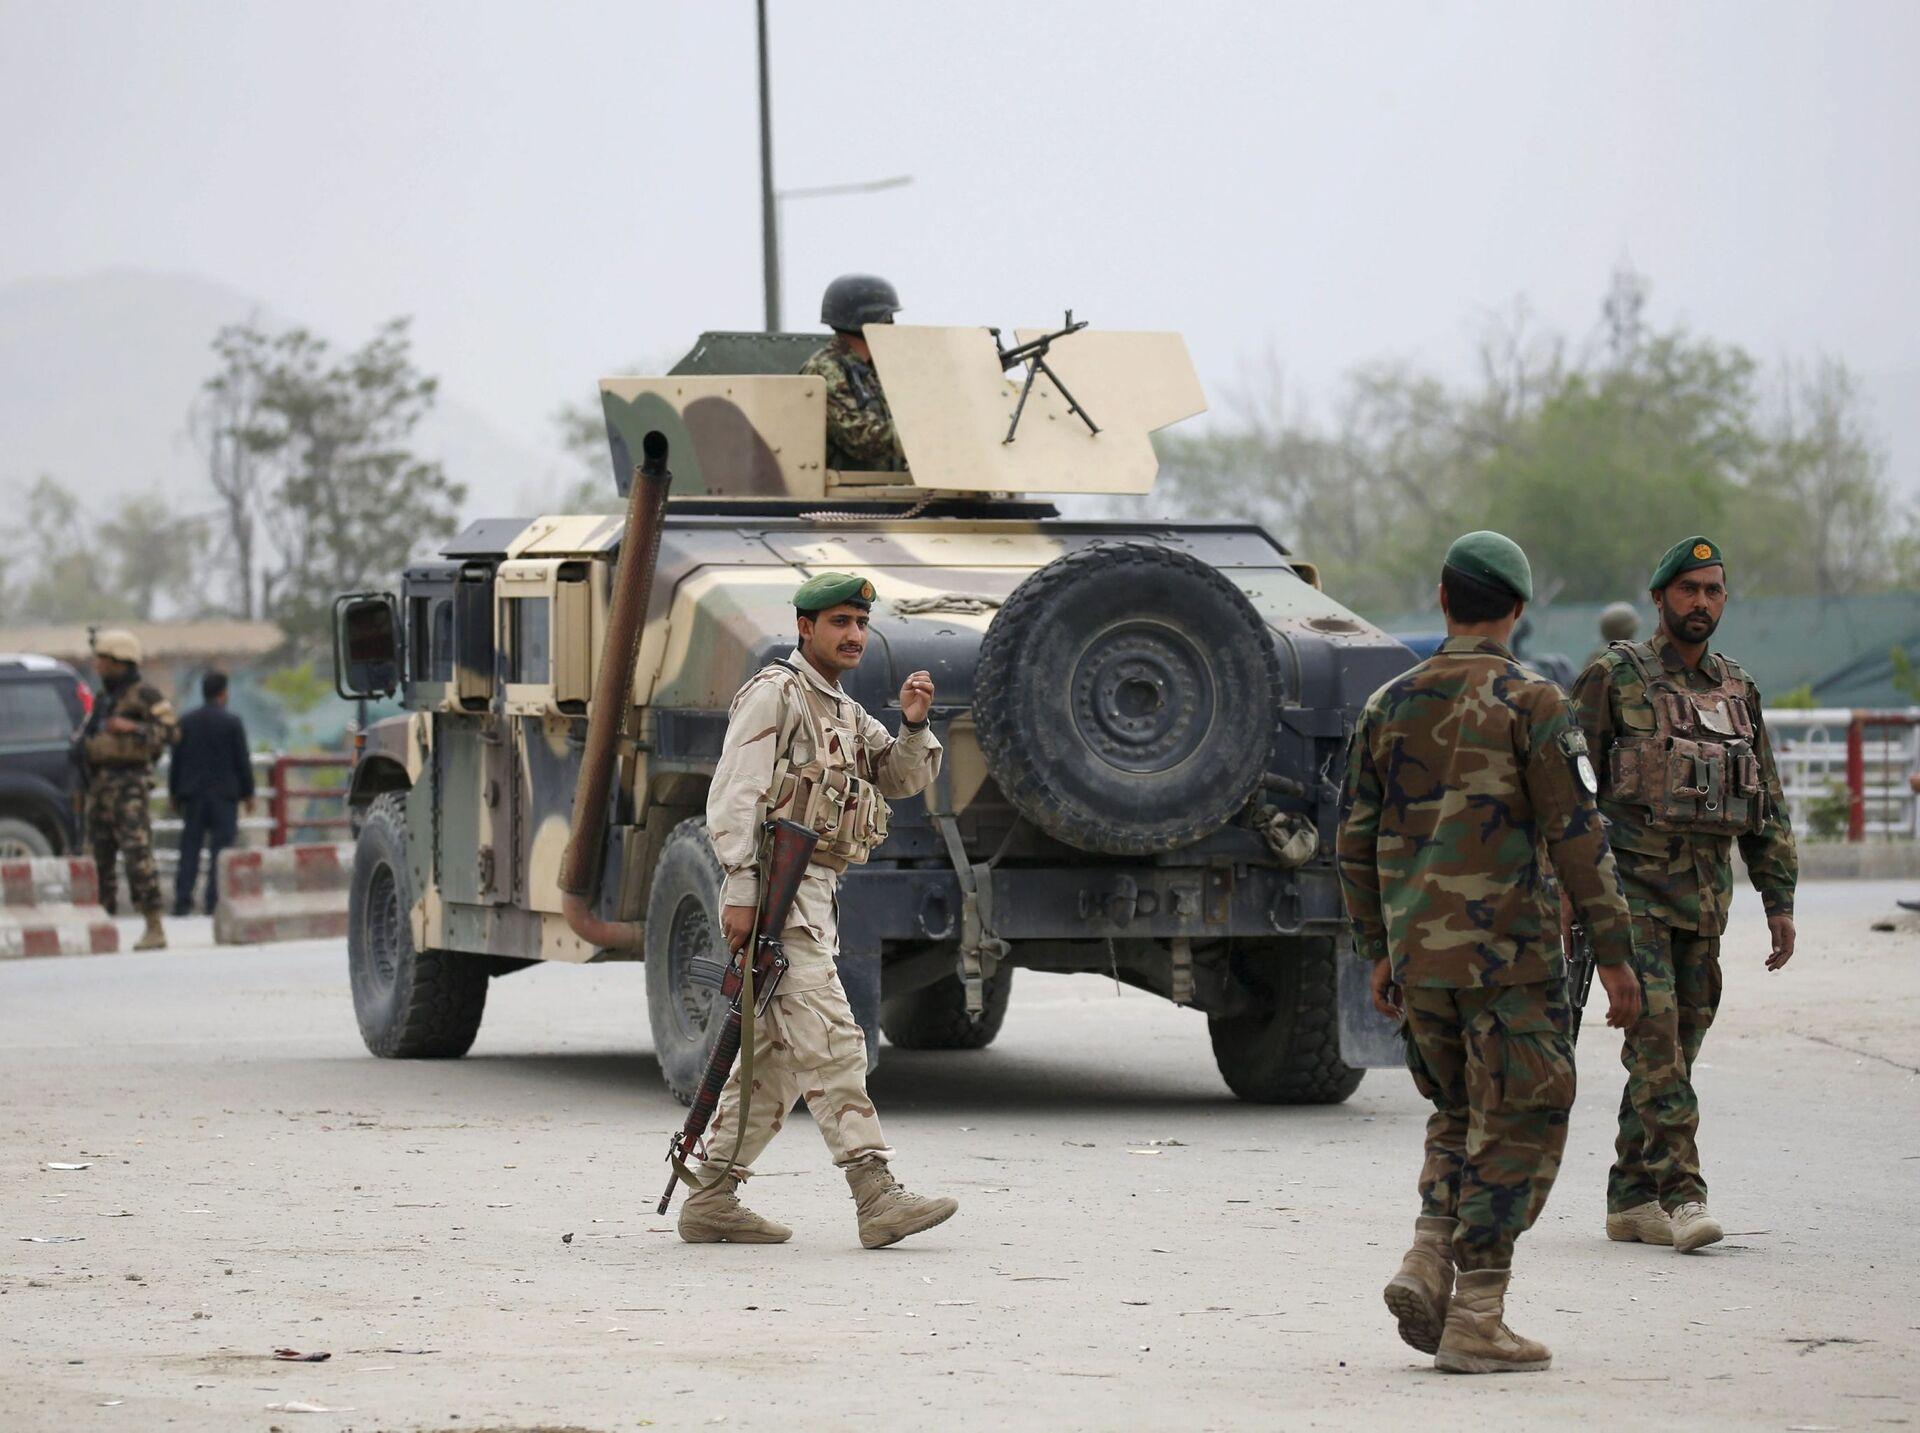 Авганистанска војска стиже на место експлозије аутомобила-бомбе у Кабулу - Sputnik Србија, 1920, 21.08.2021